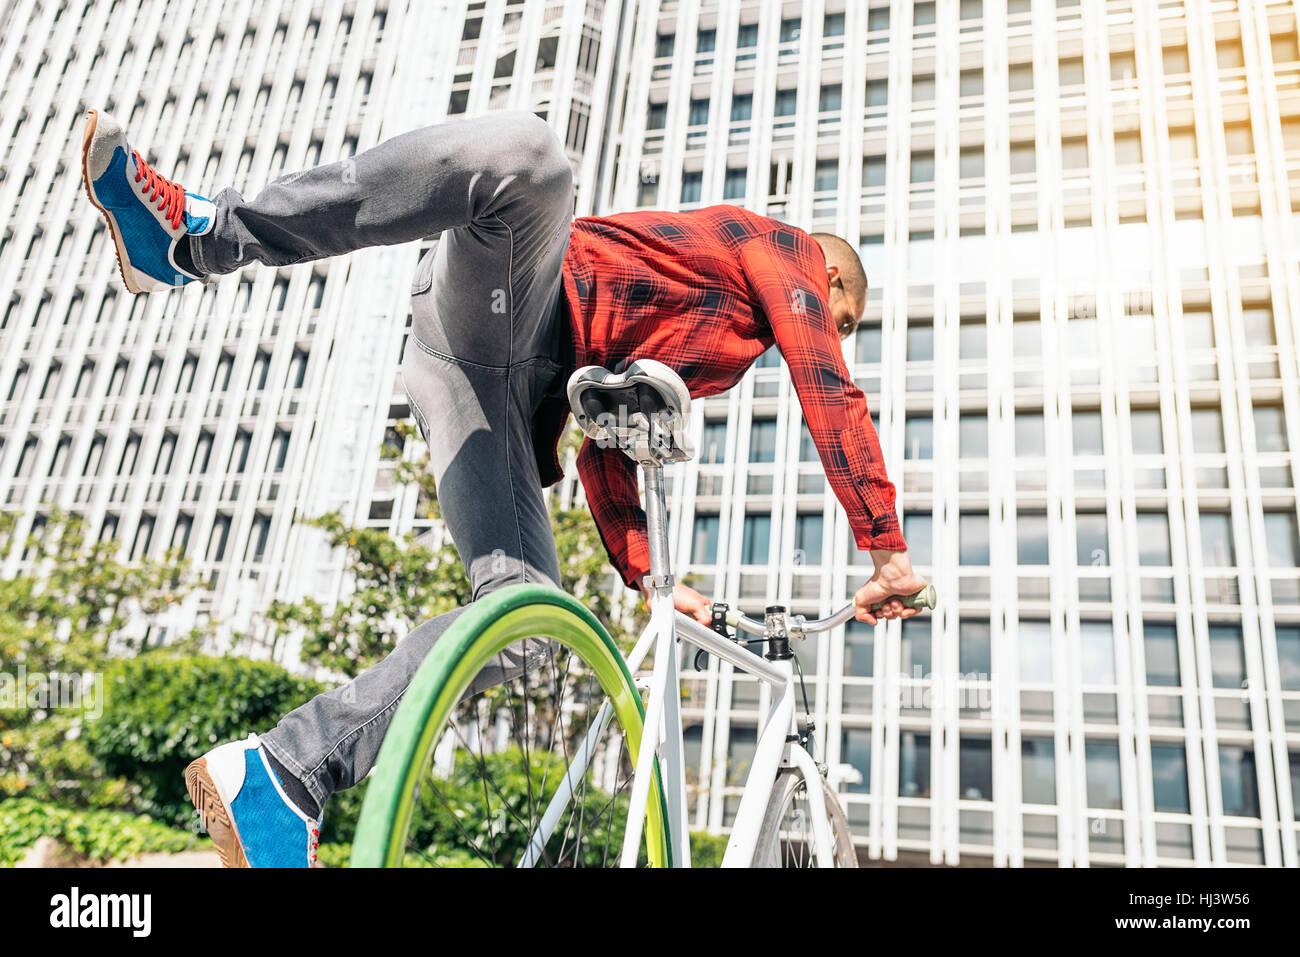 Hübscher junger Mann mit Fahrrad in der Stadt. Fahrrad-Konzept Stockfoto